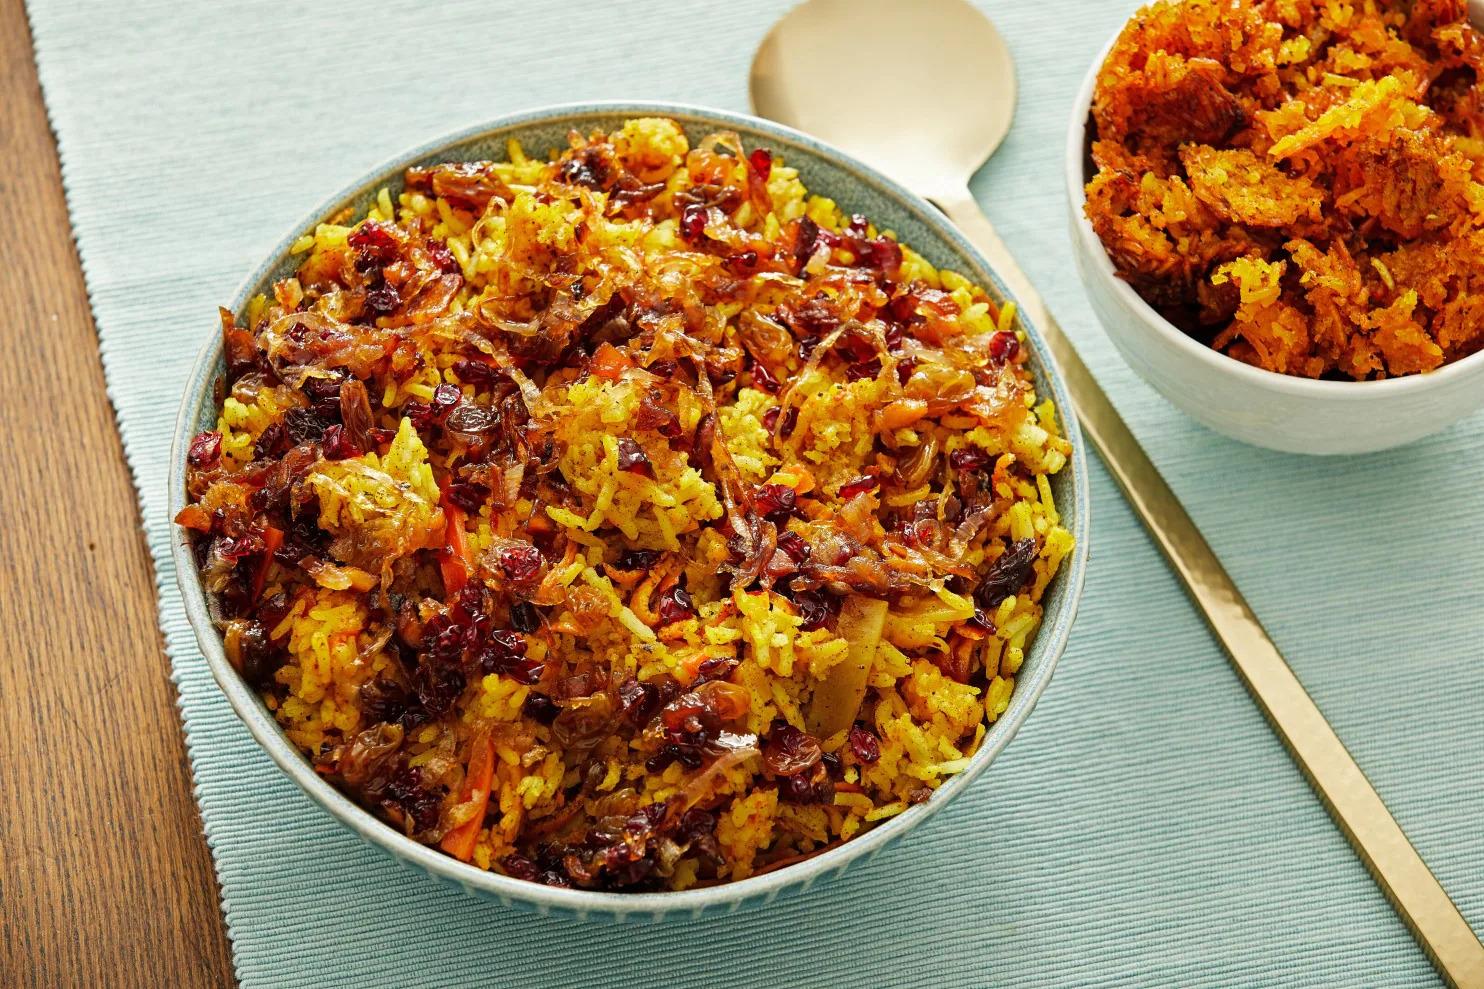 A plate of Iranian Jeweled Rice